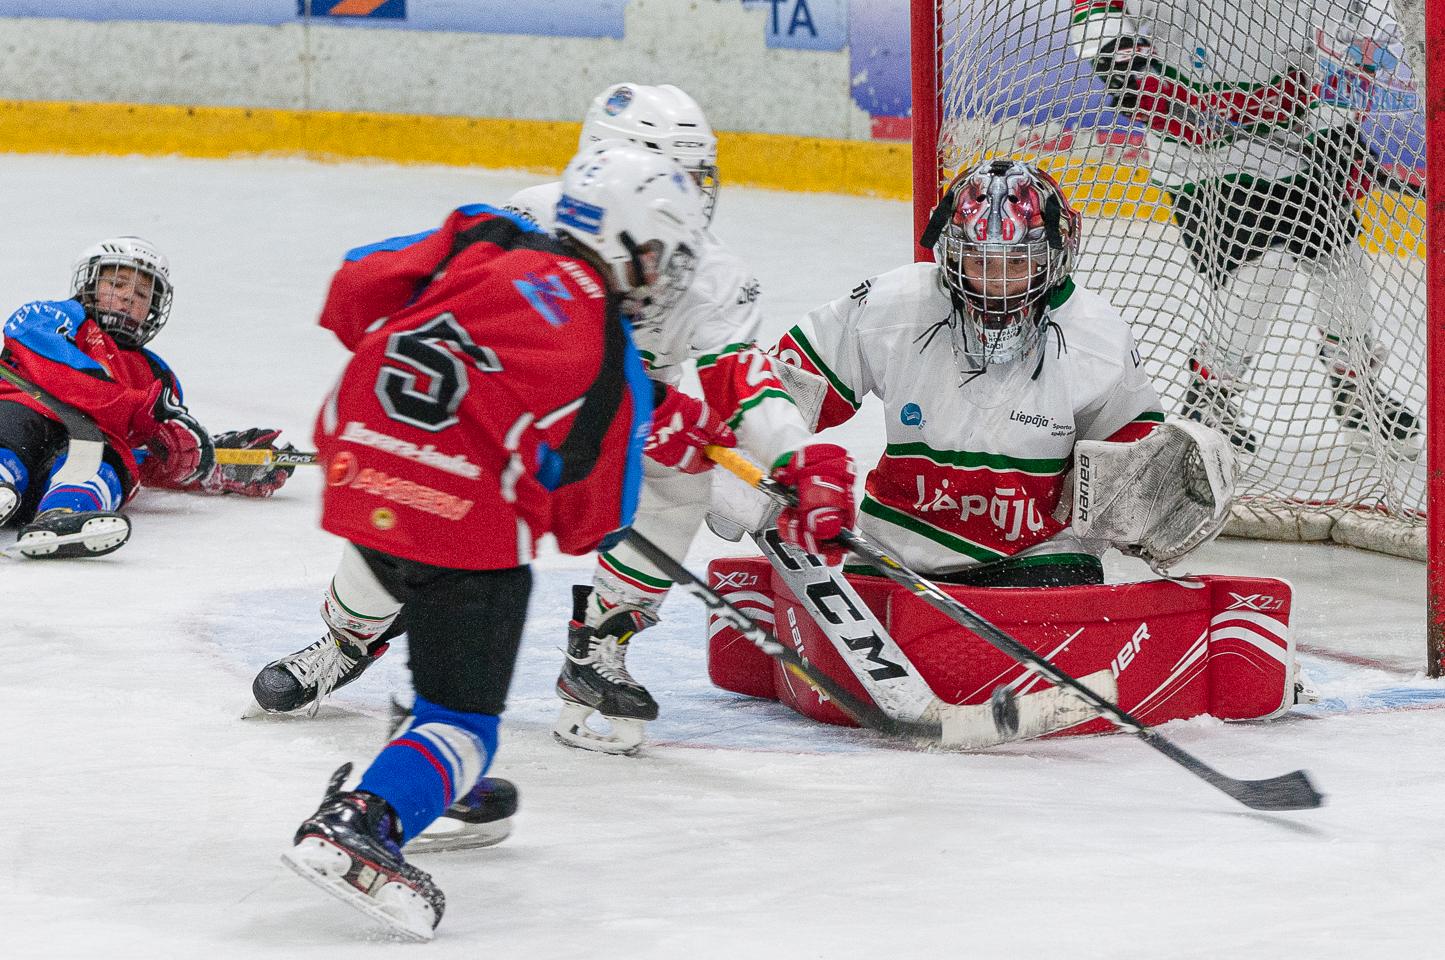 Jelgavas hokeja skola JLSS U11 A - Liepāja SSS 2010 LBJČH 13102019-11